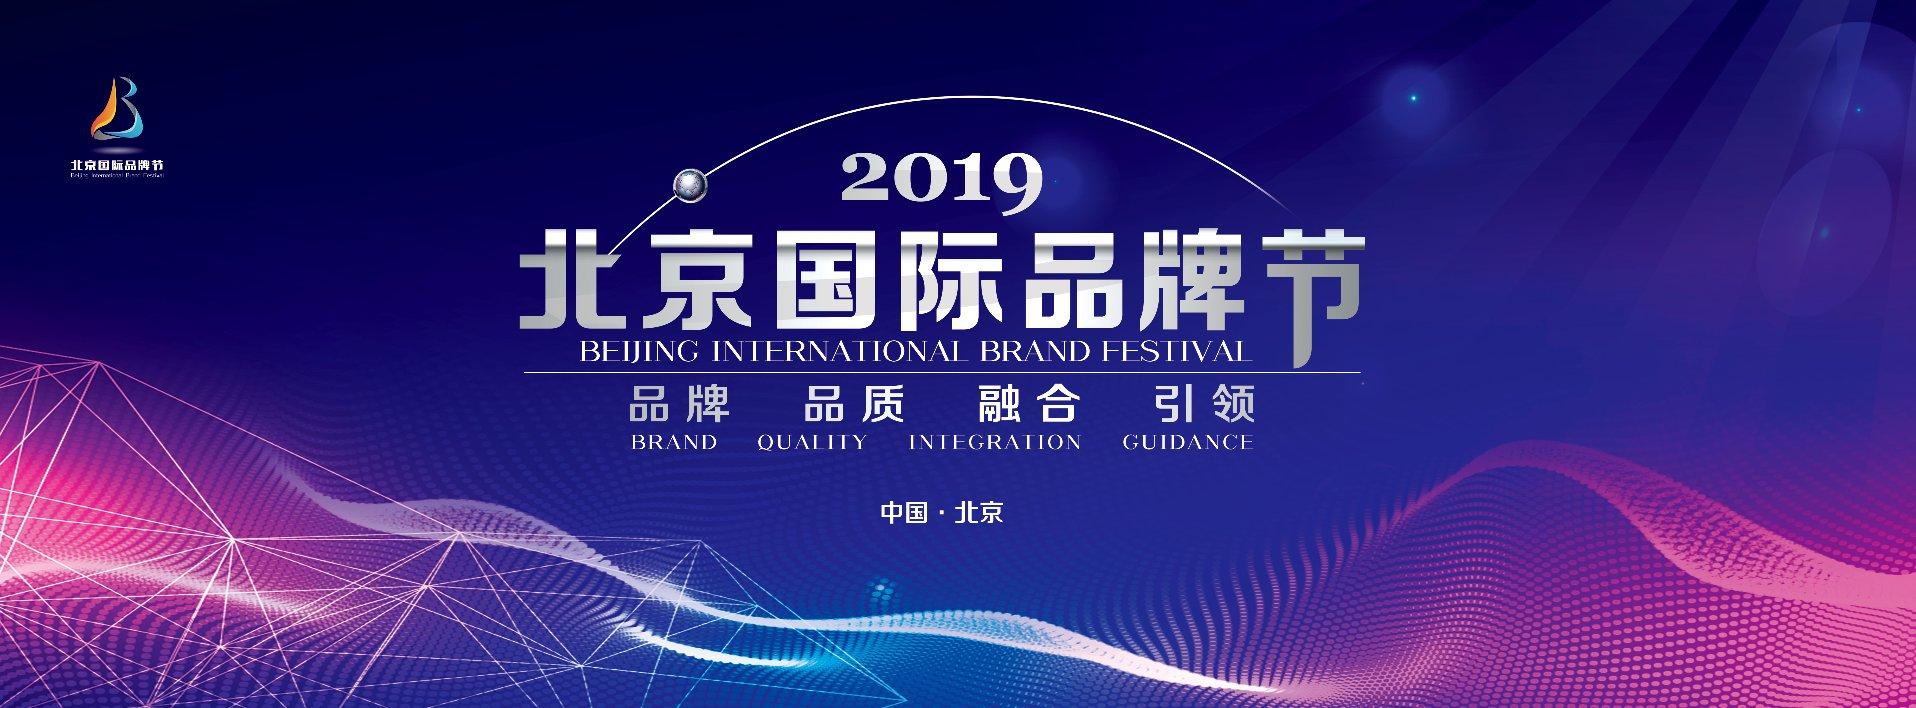 2019品味消费在北京系列活动之北京国际品牌节开幕